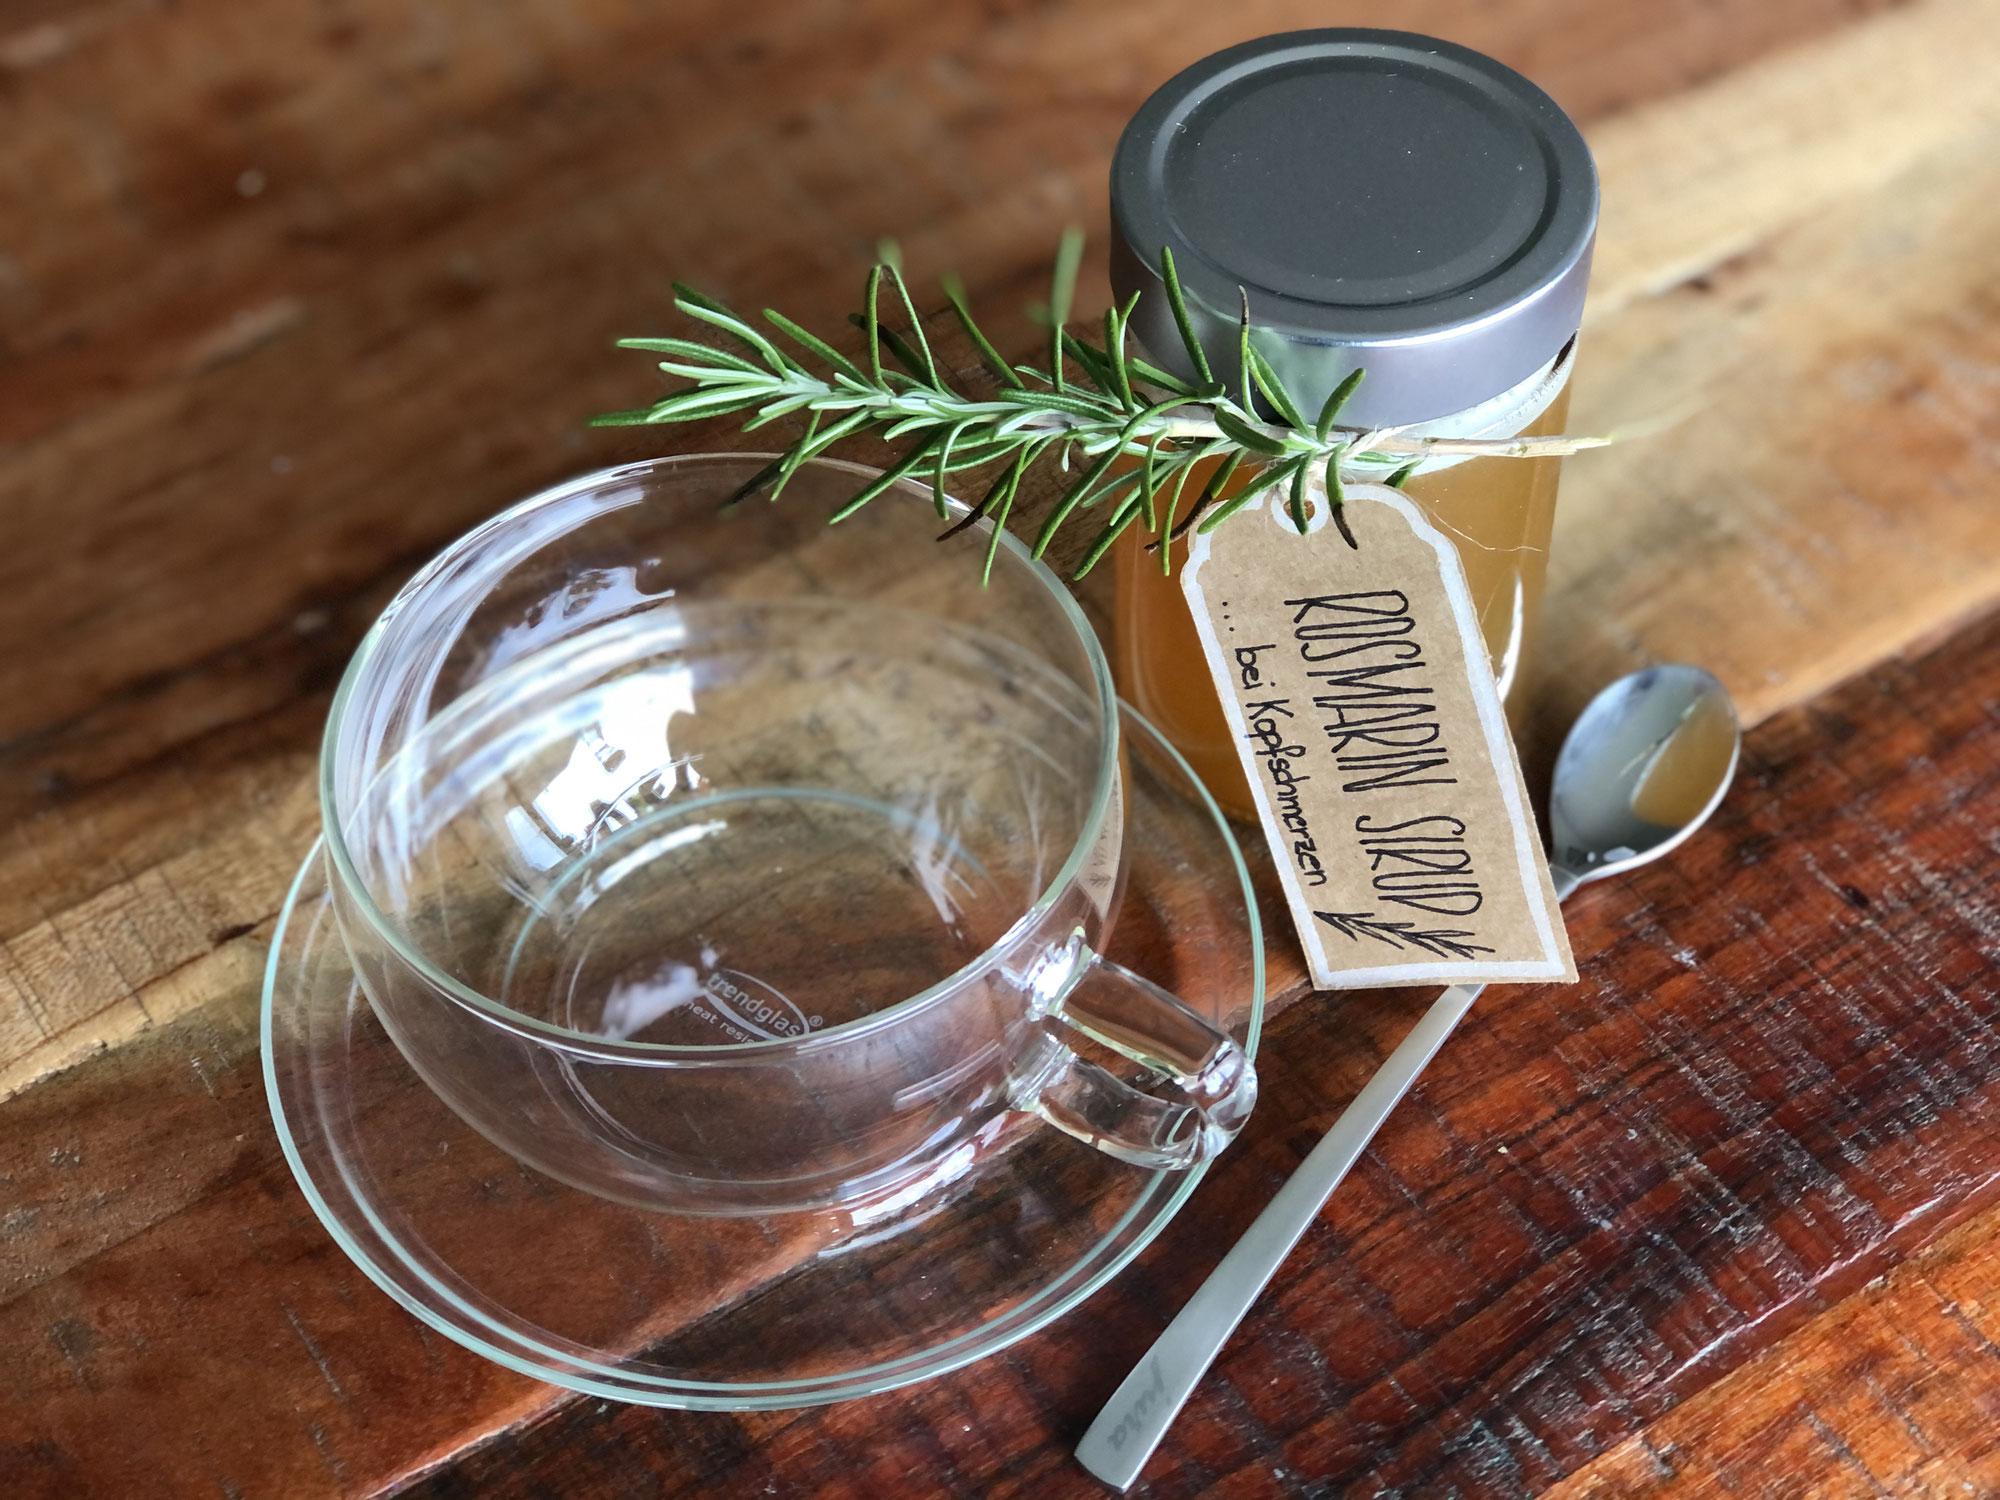 Rezept: Rosmarin Sirup gegen Kopfschmerzen